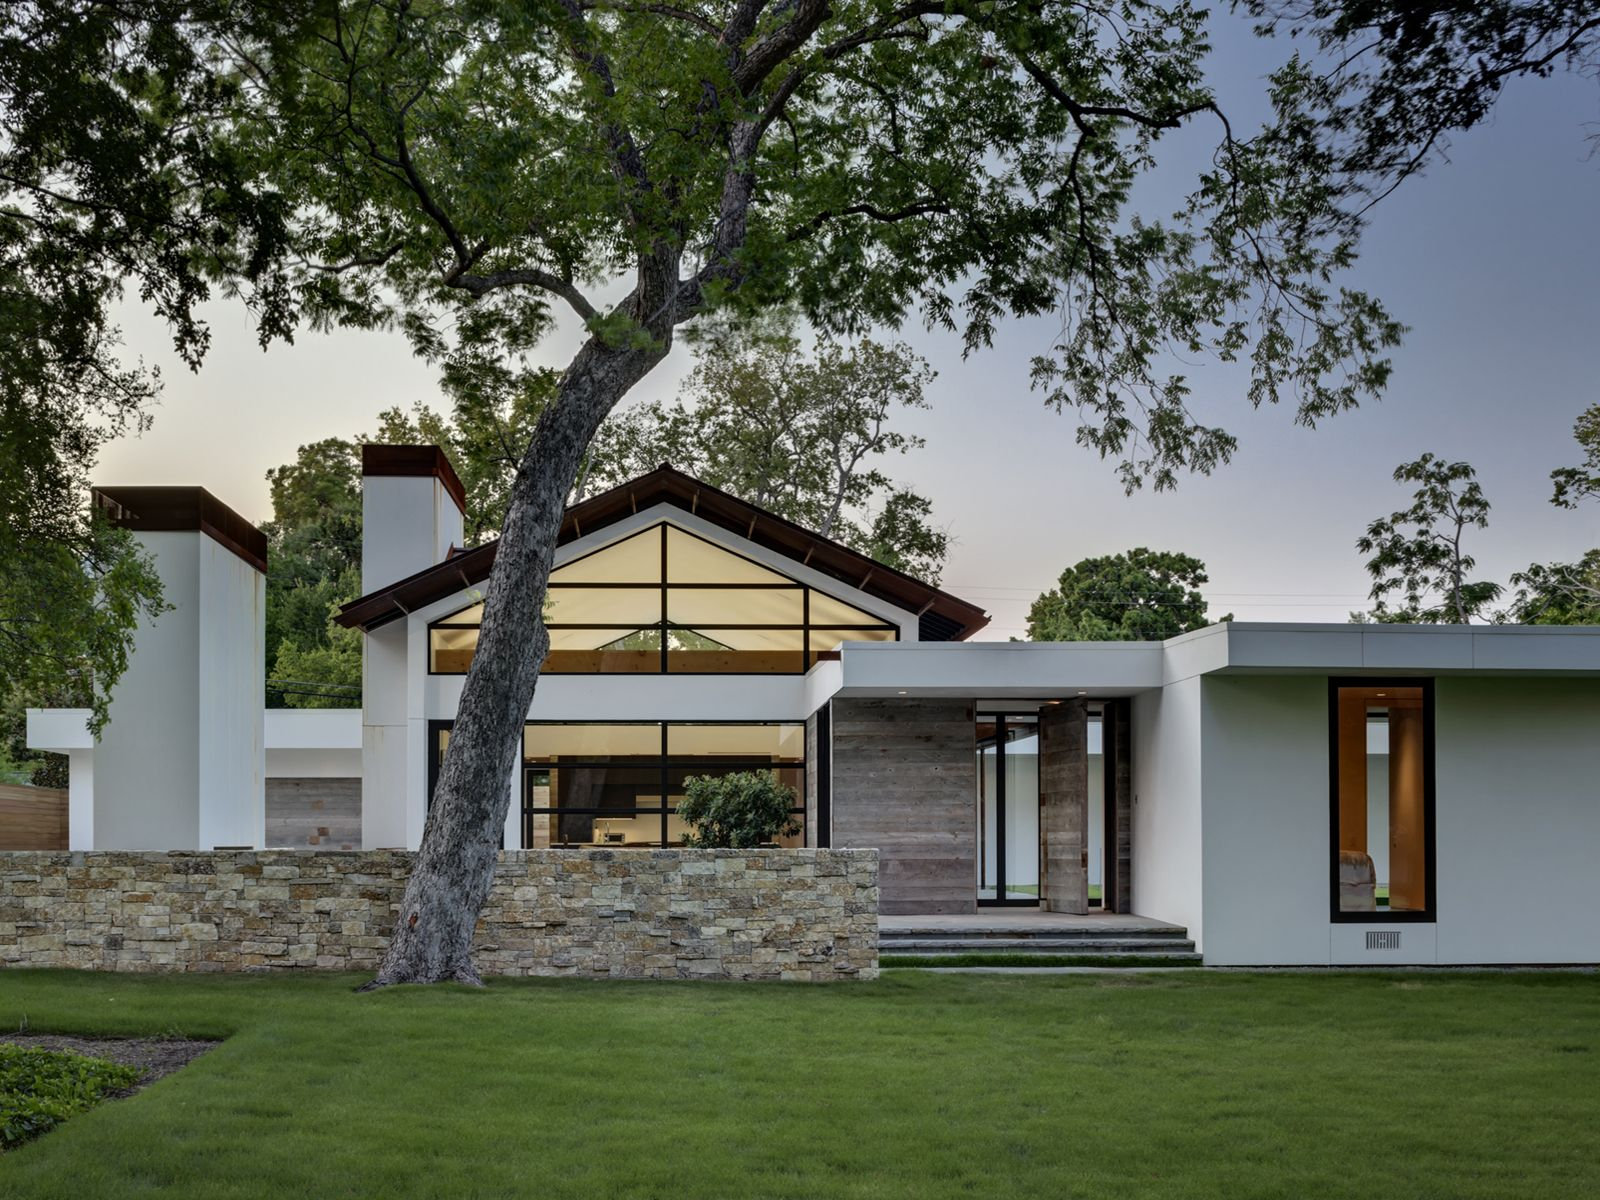 Fachada principal de la casa   Diseño y fotos: Wernerfield Architects